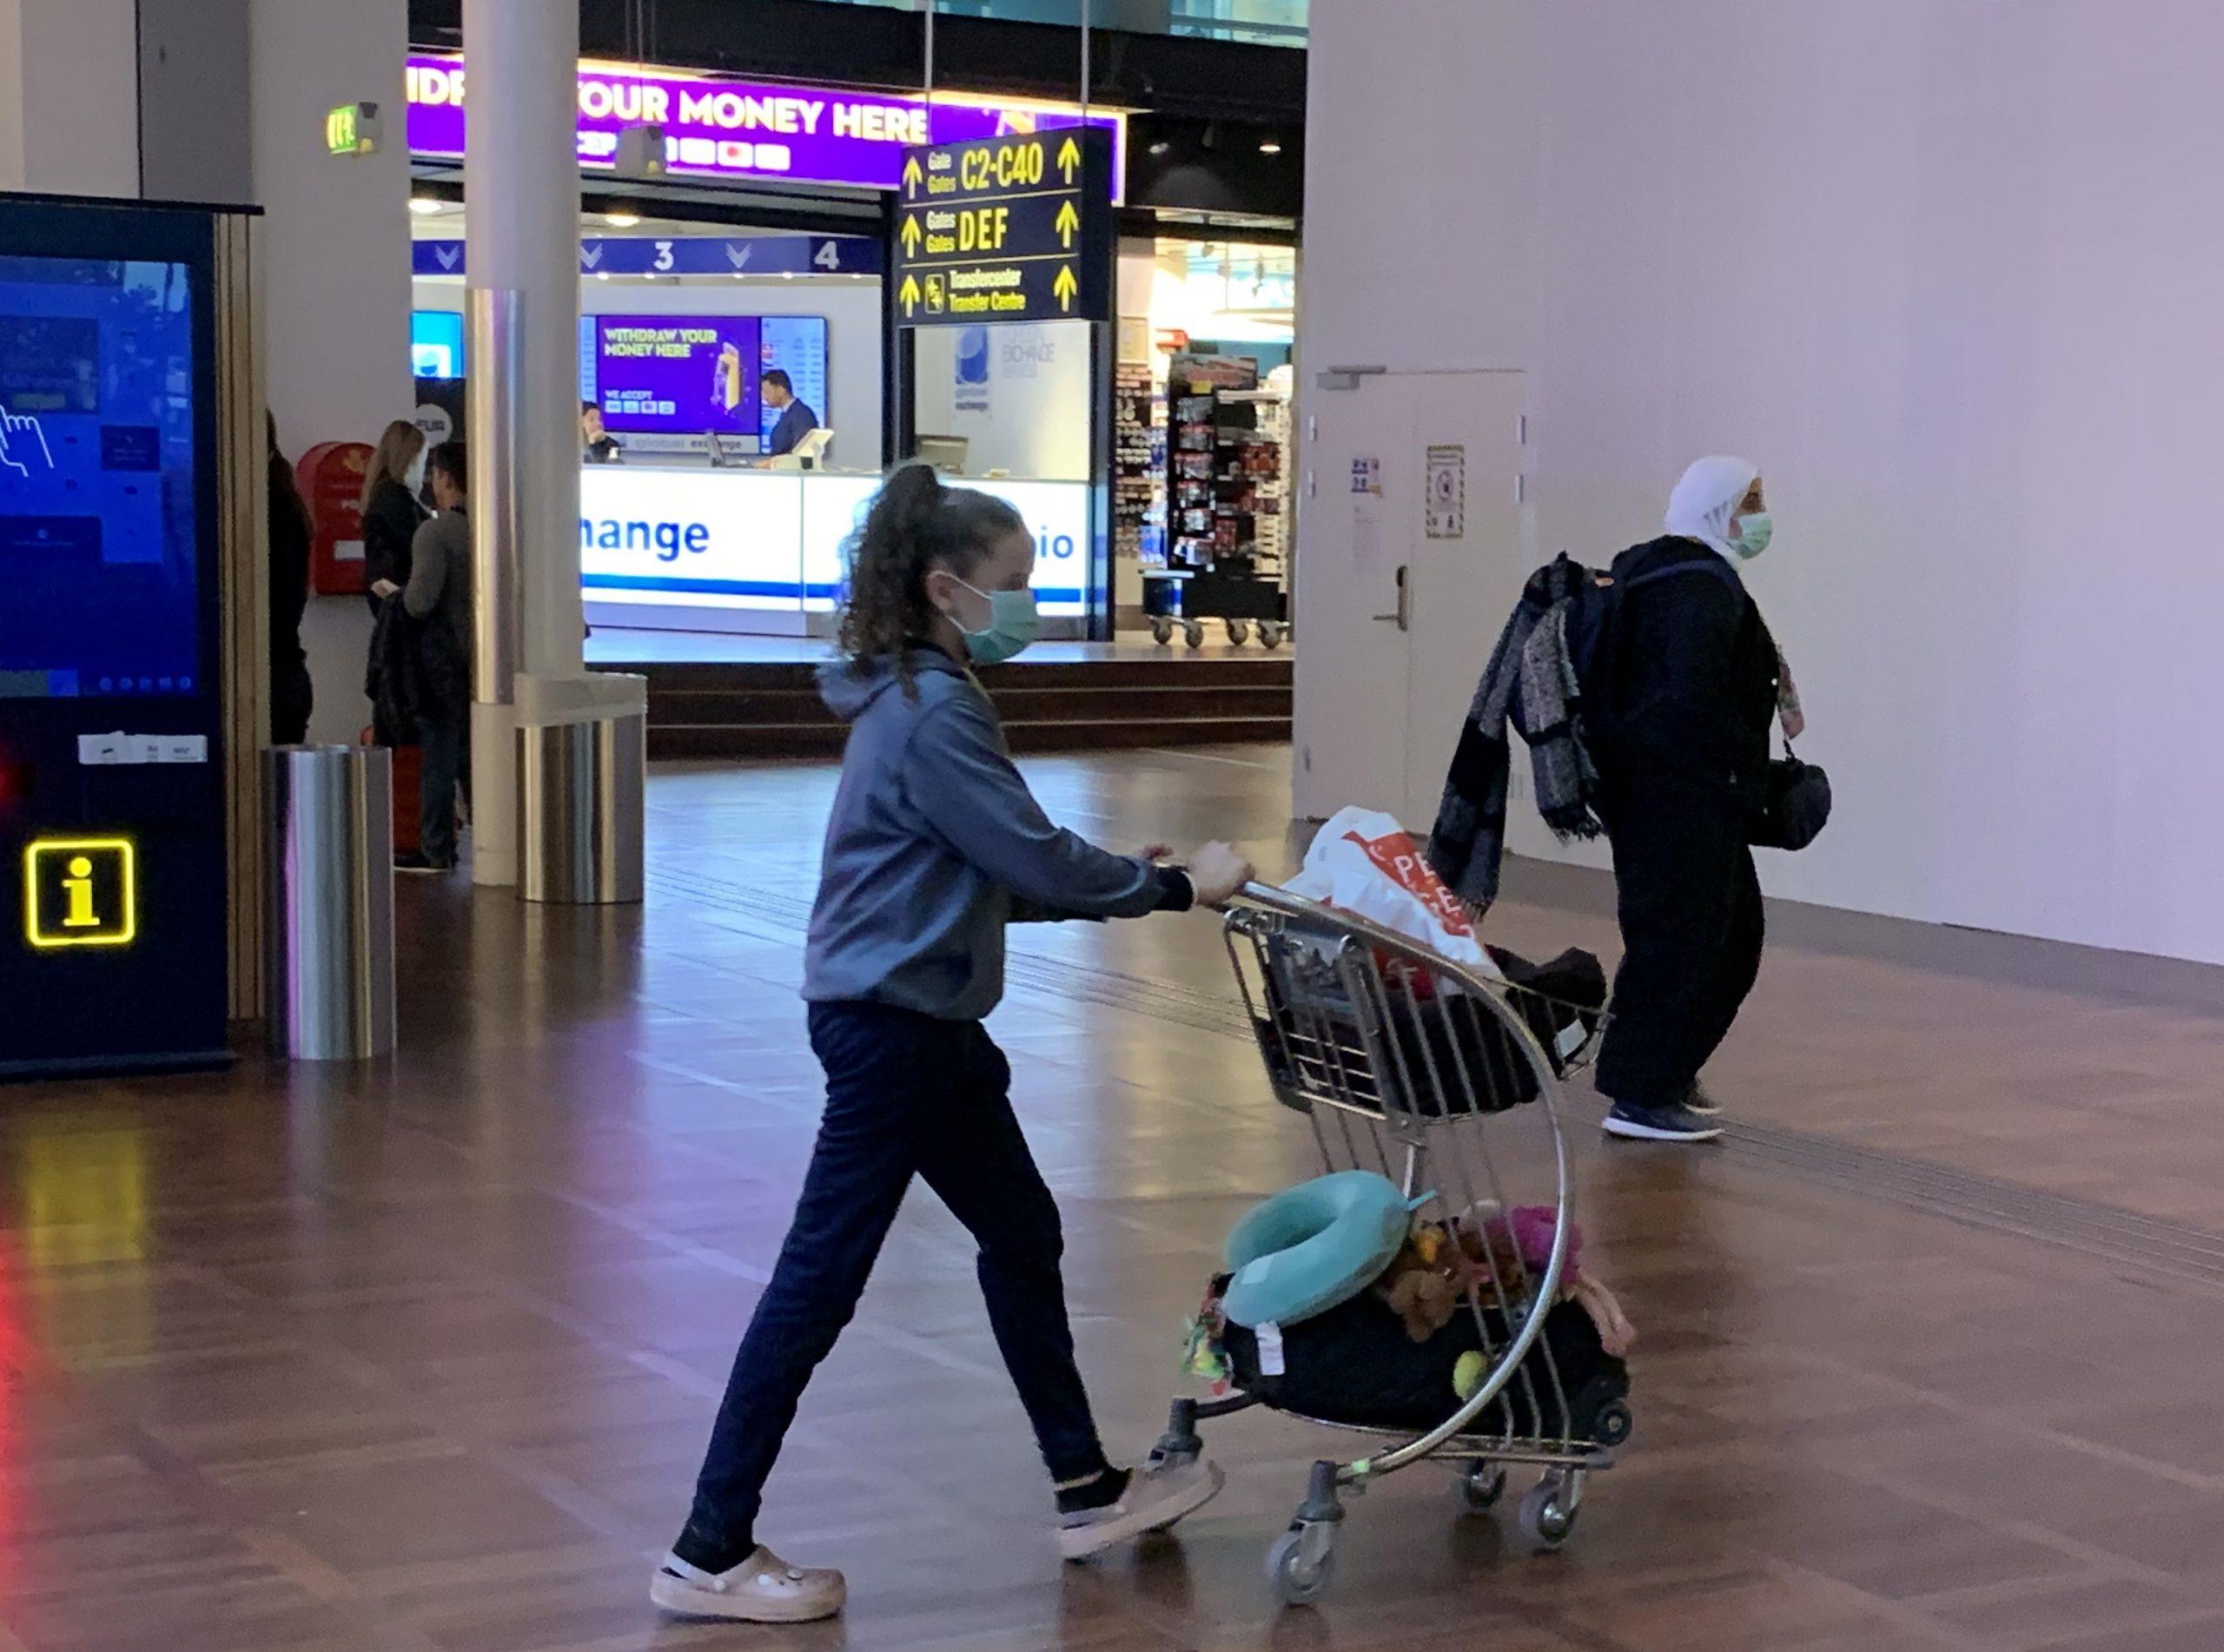 Regeringen lover omkring påske at have et udspil klar for genåbning af rejser til udlandet. Til den tid kan der også være indikationer af, hvilke lande der kan rejses til. Arkivfoto fra Københavns Lufthavn, Henrik Olsen.